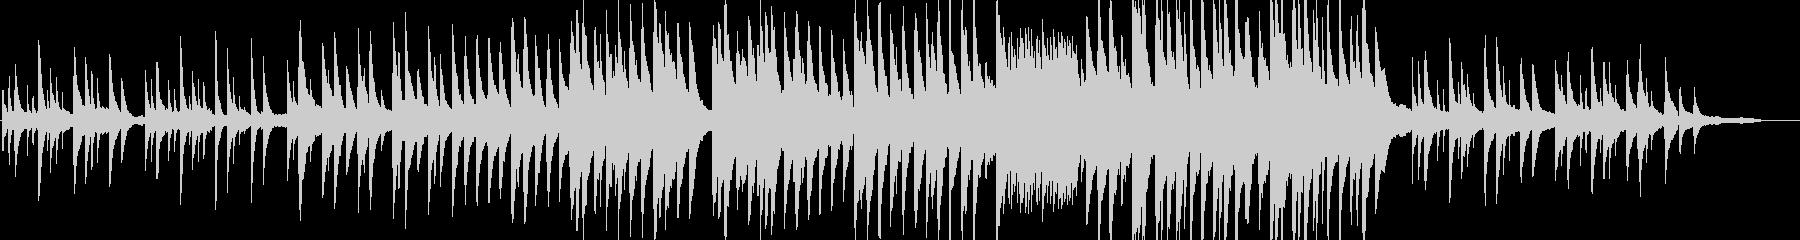 木星の有名なメロディ部分のピアノver.の未再生の波形